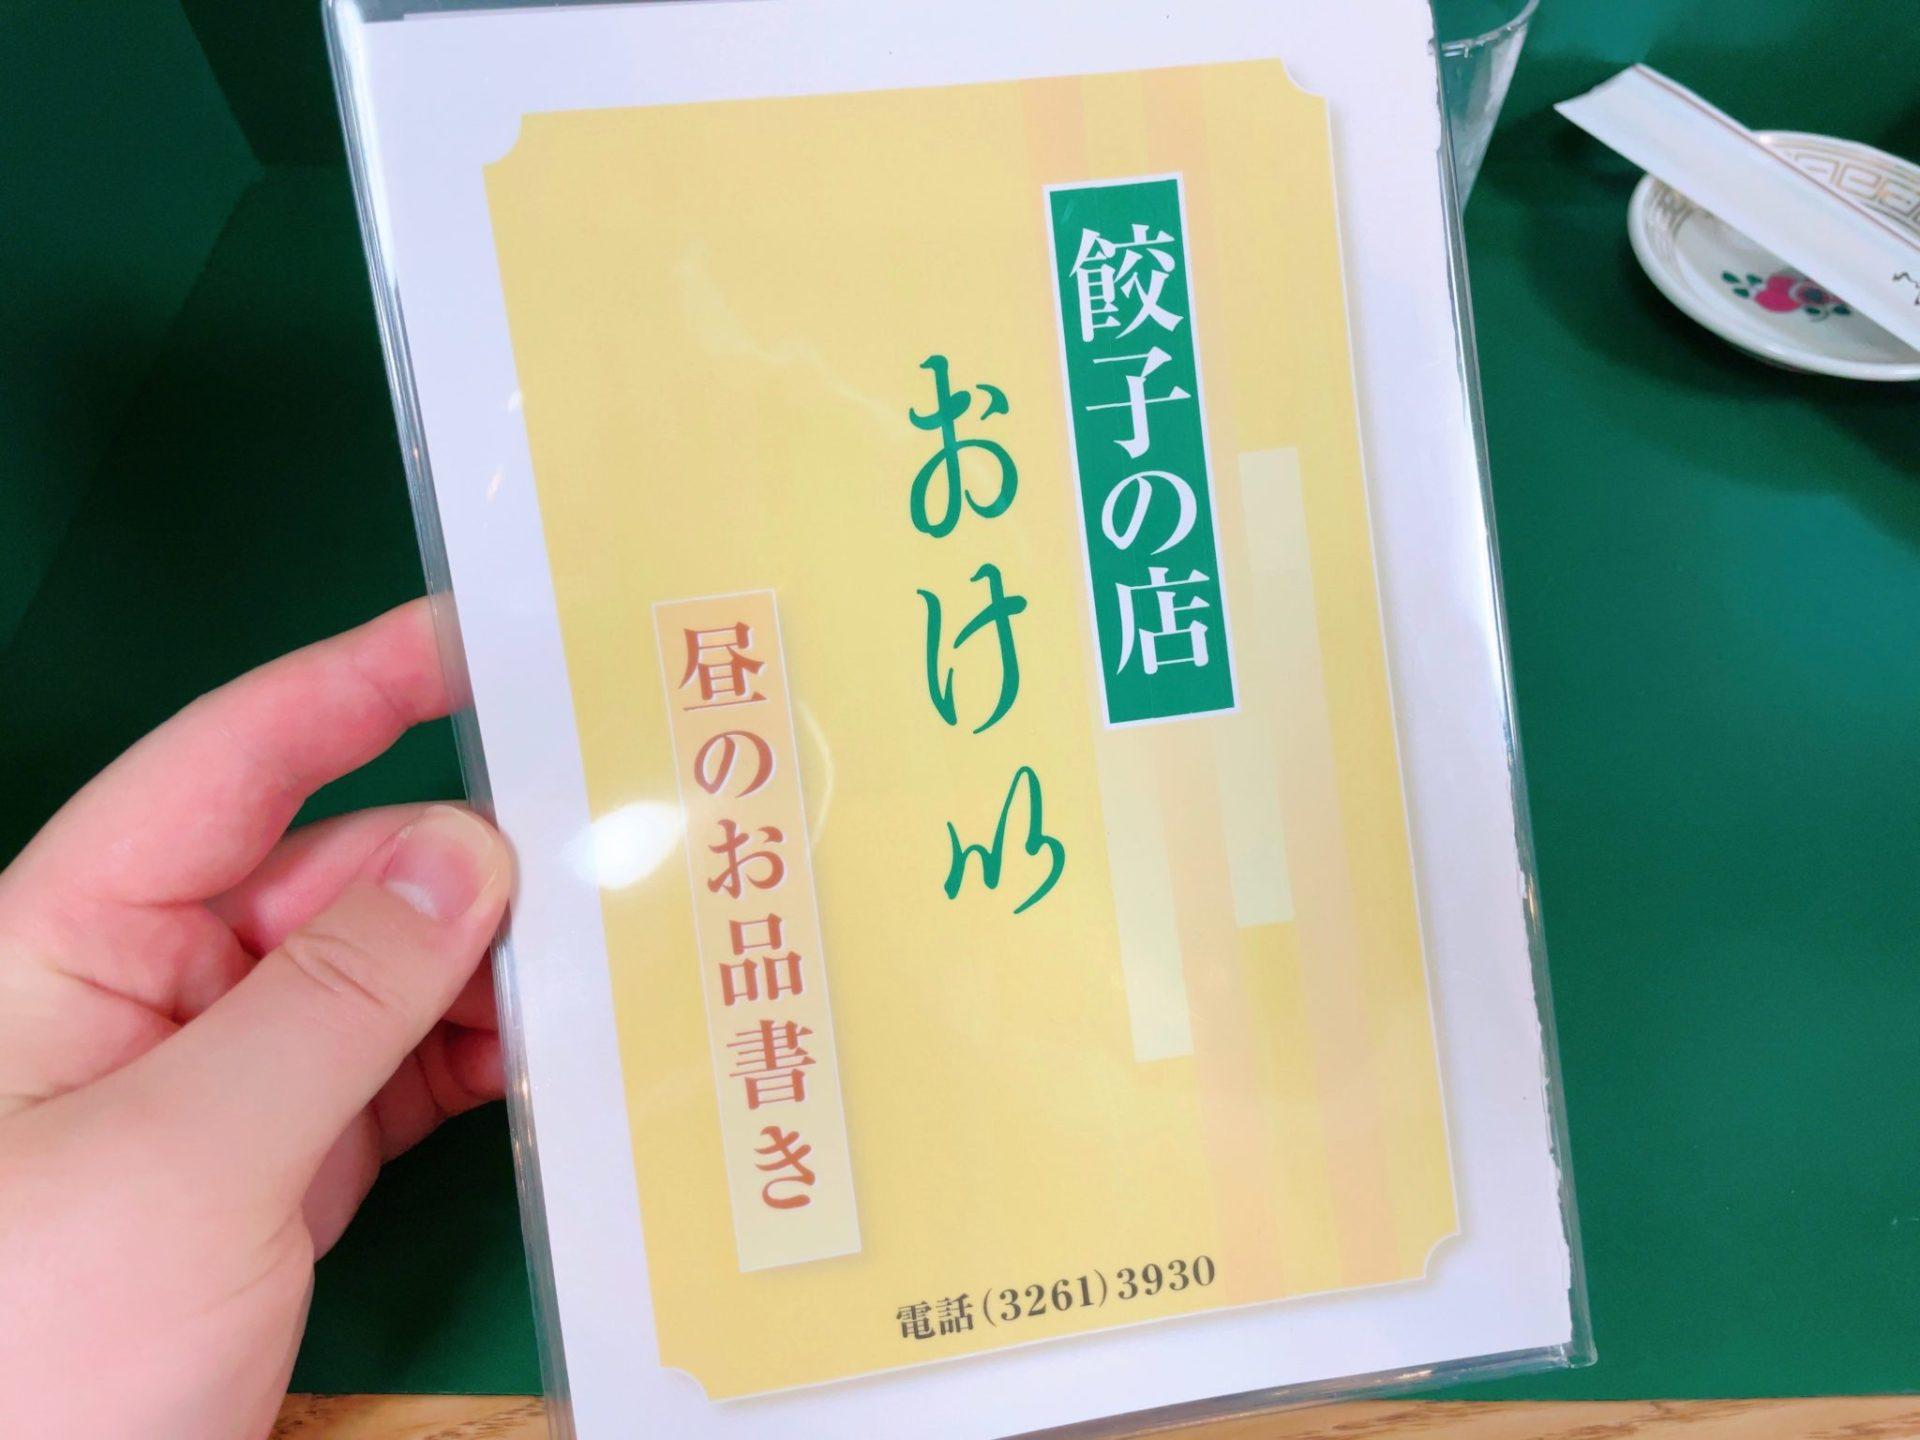 餃子の店おけ以(おけい)のおすすめメニュー